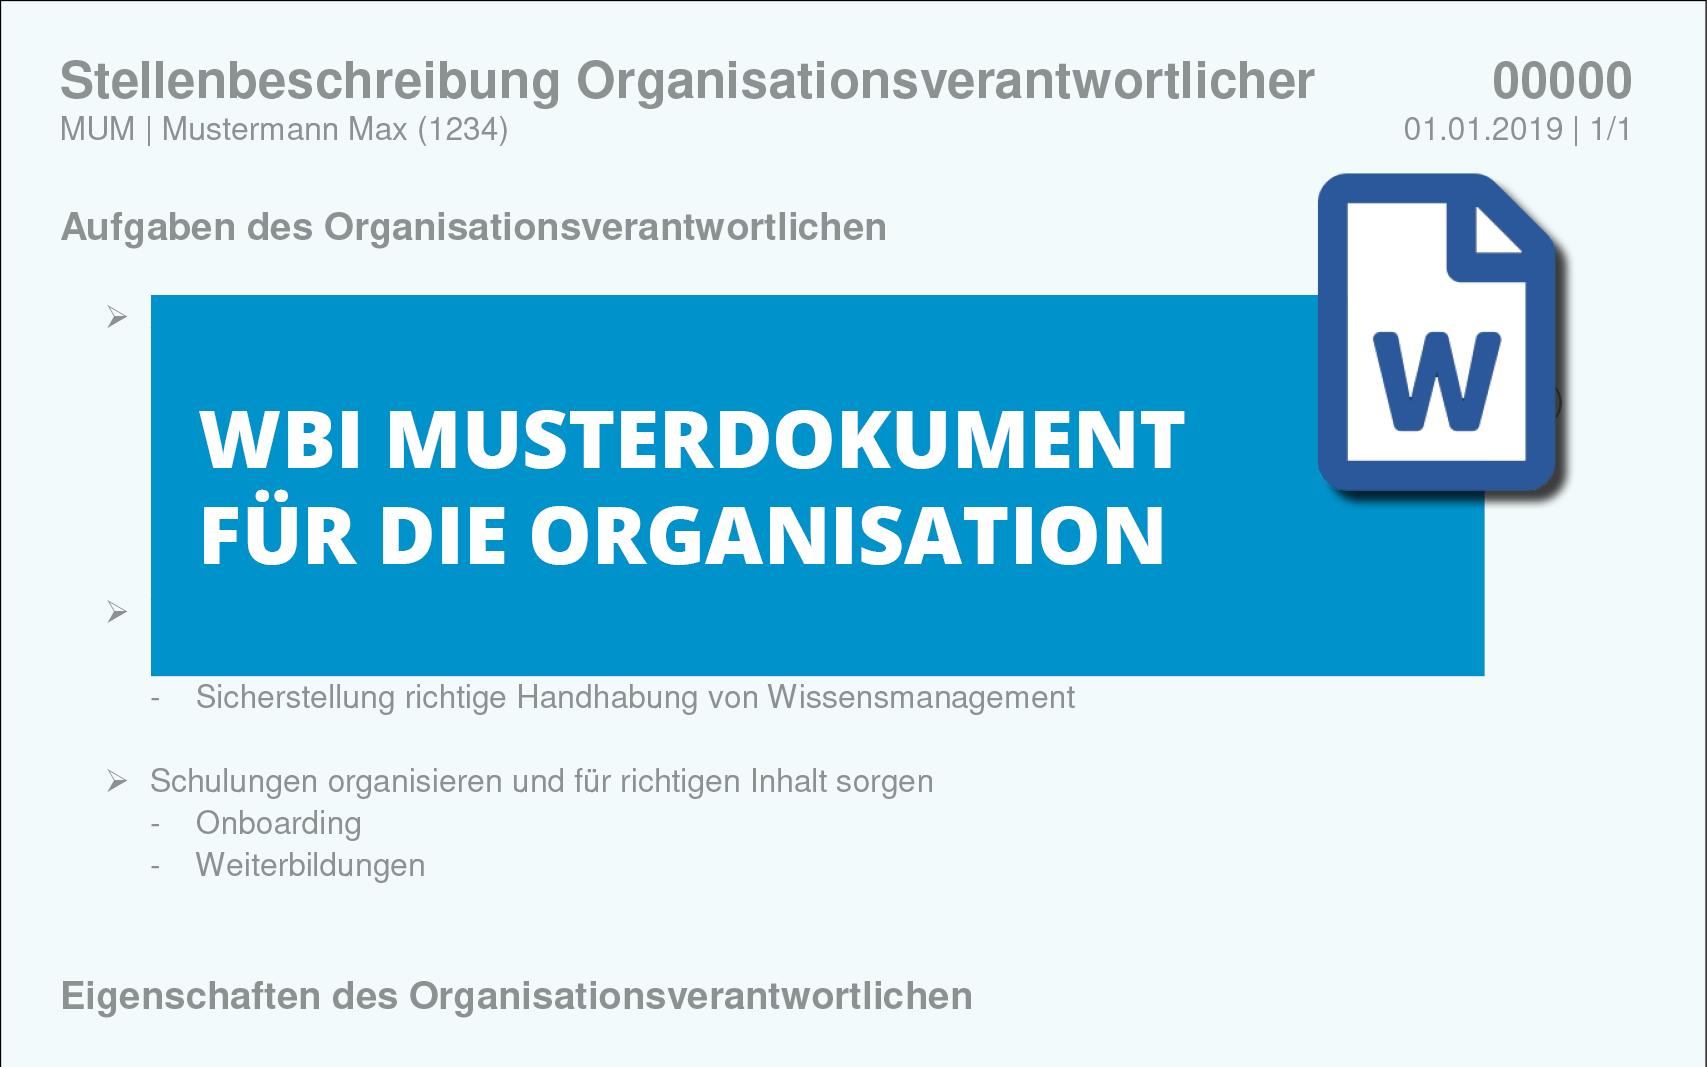 stellenbeschreibung-organisationsverantwortlicher